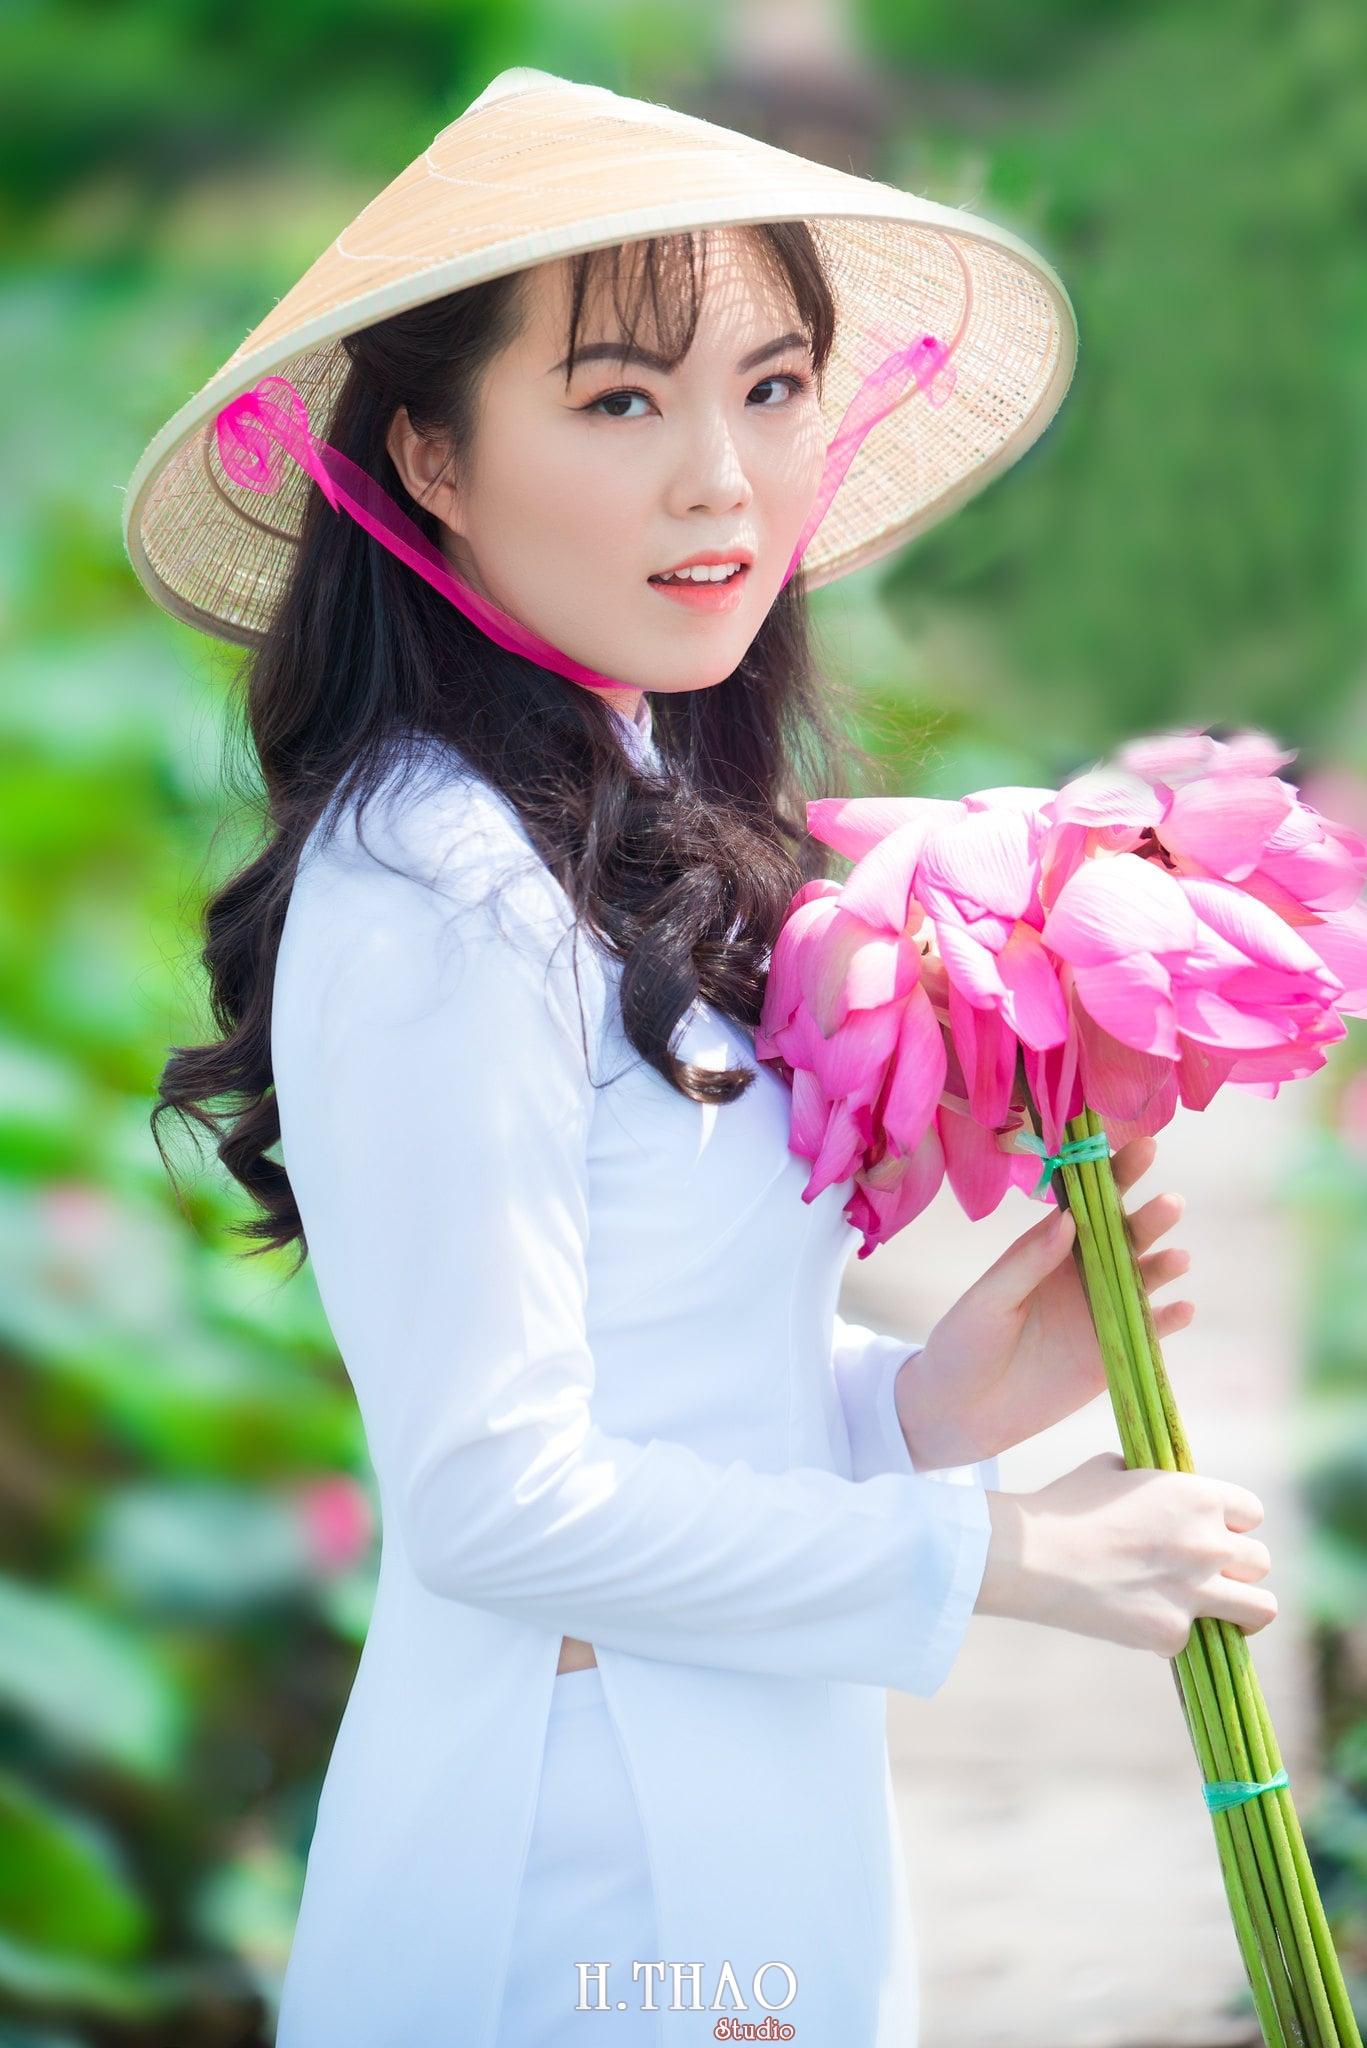 nh áo dài hoa sen 28 - Góc ảnh thiếu nữ áo dài bên hoa sen đẹp tinh khôi- HThao Studio